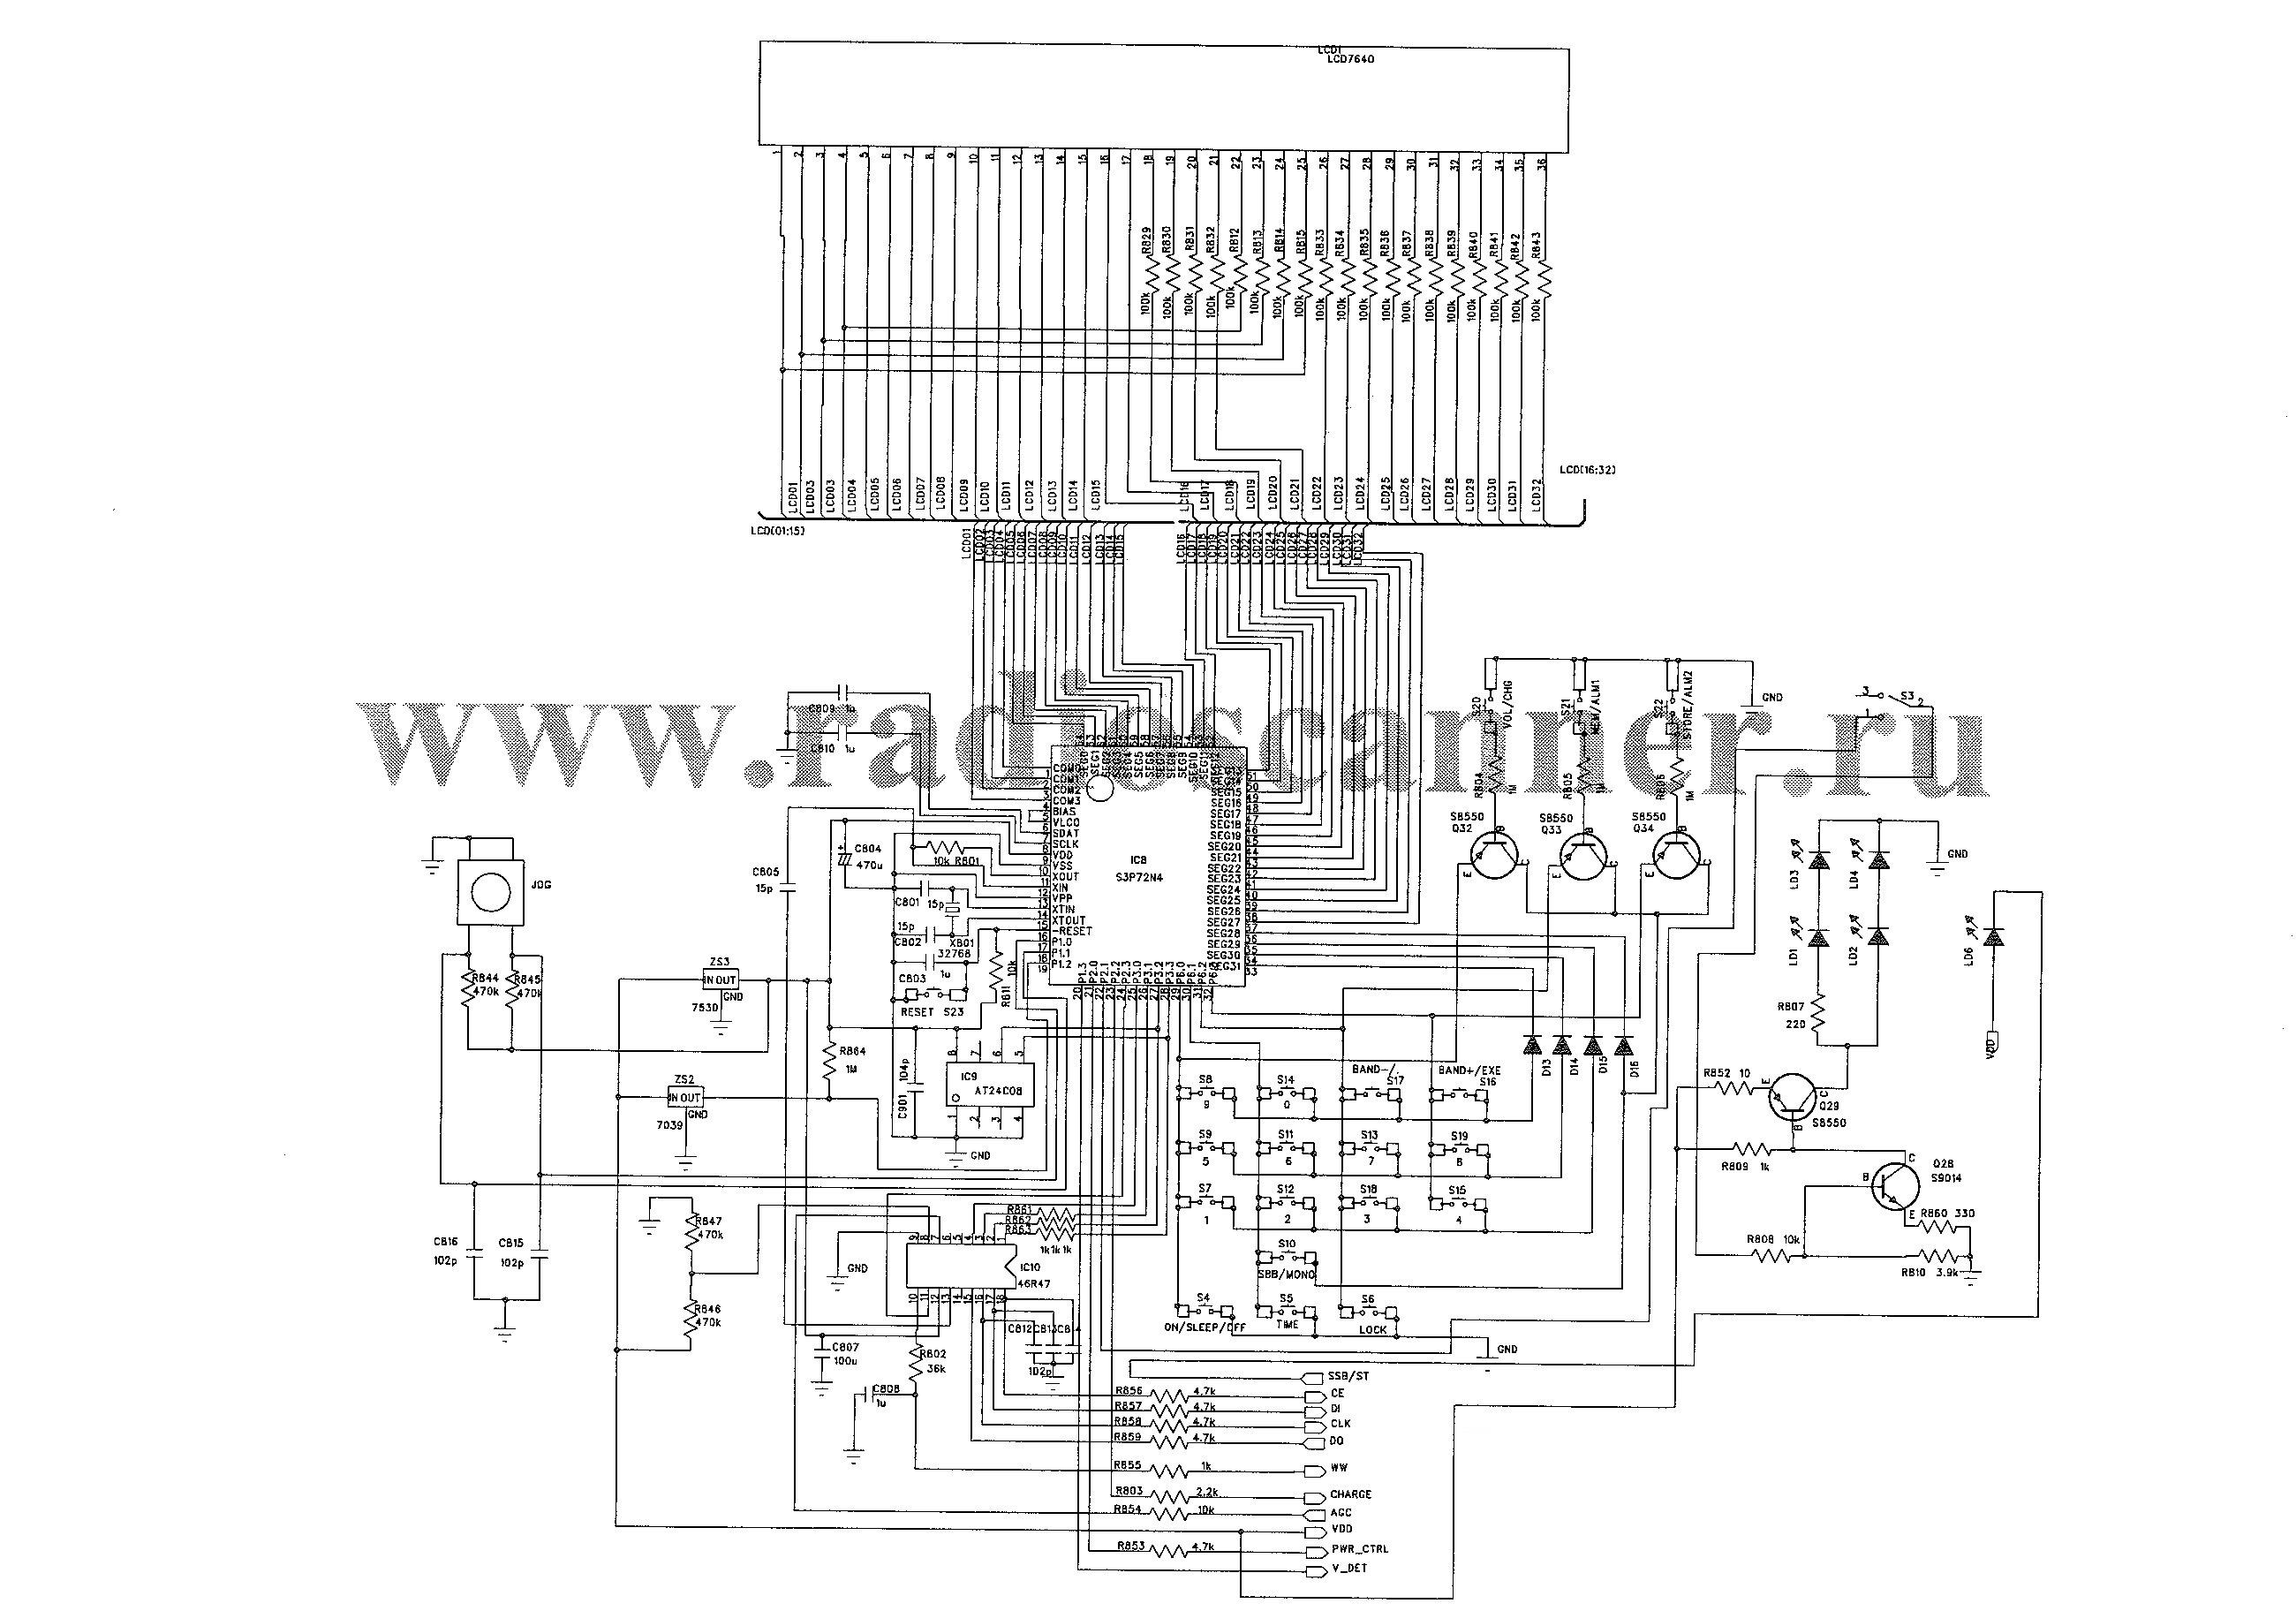 принципиальная схема радиолы вега 323